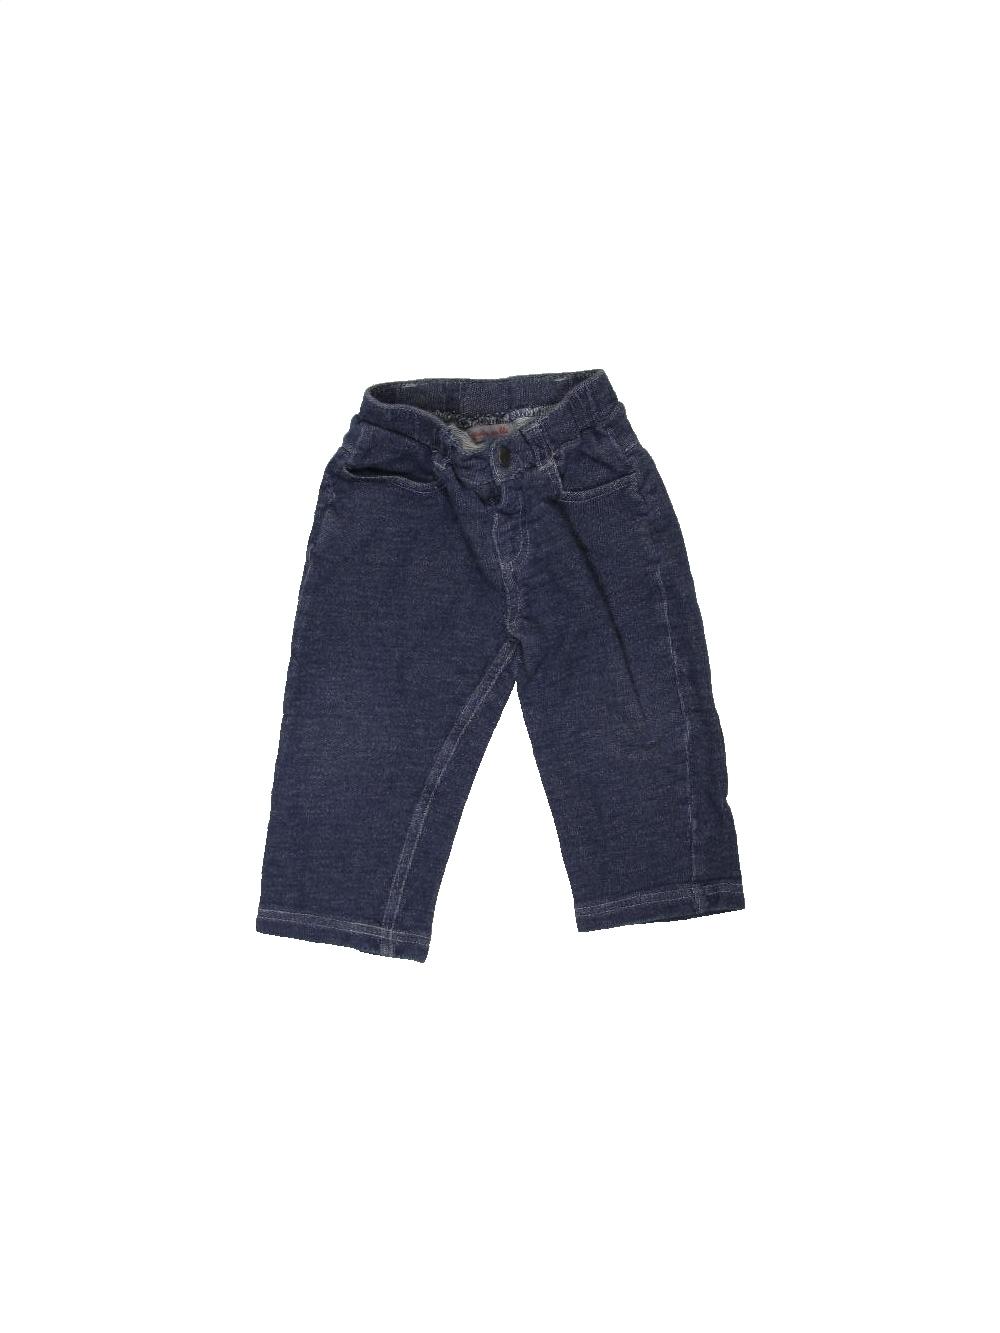 pantalon garcon grain de bl 18 mois pas cher. Black Bedroom Furniture Sets. Home Design Ideas